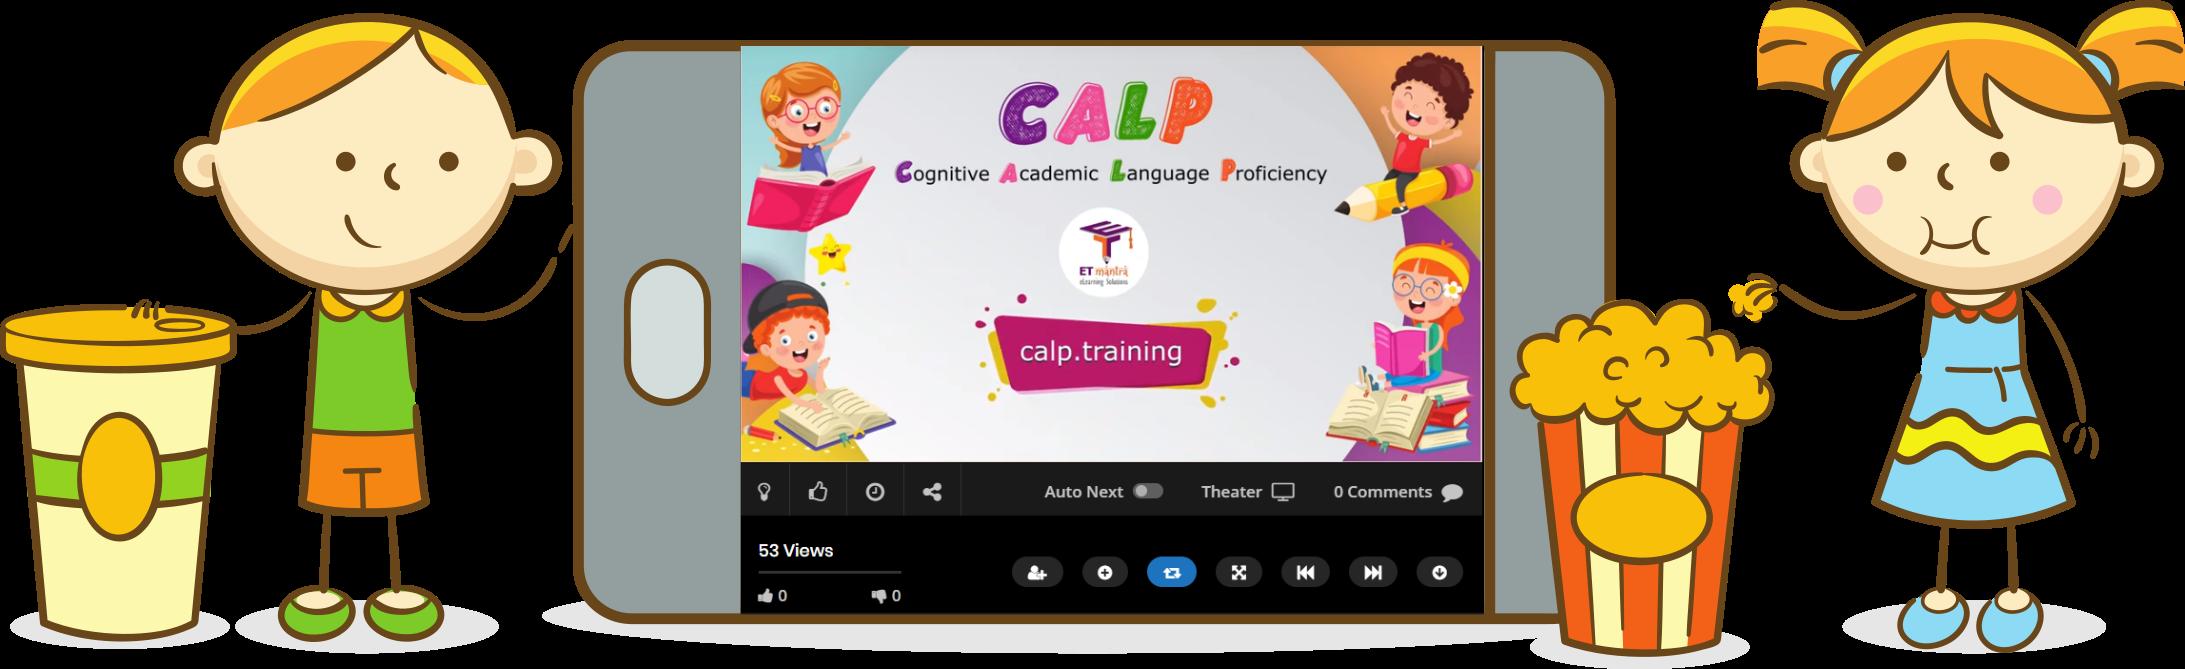 calp_training-for-kids